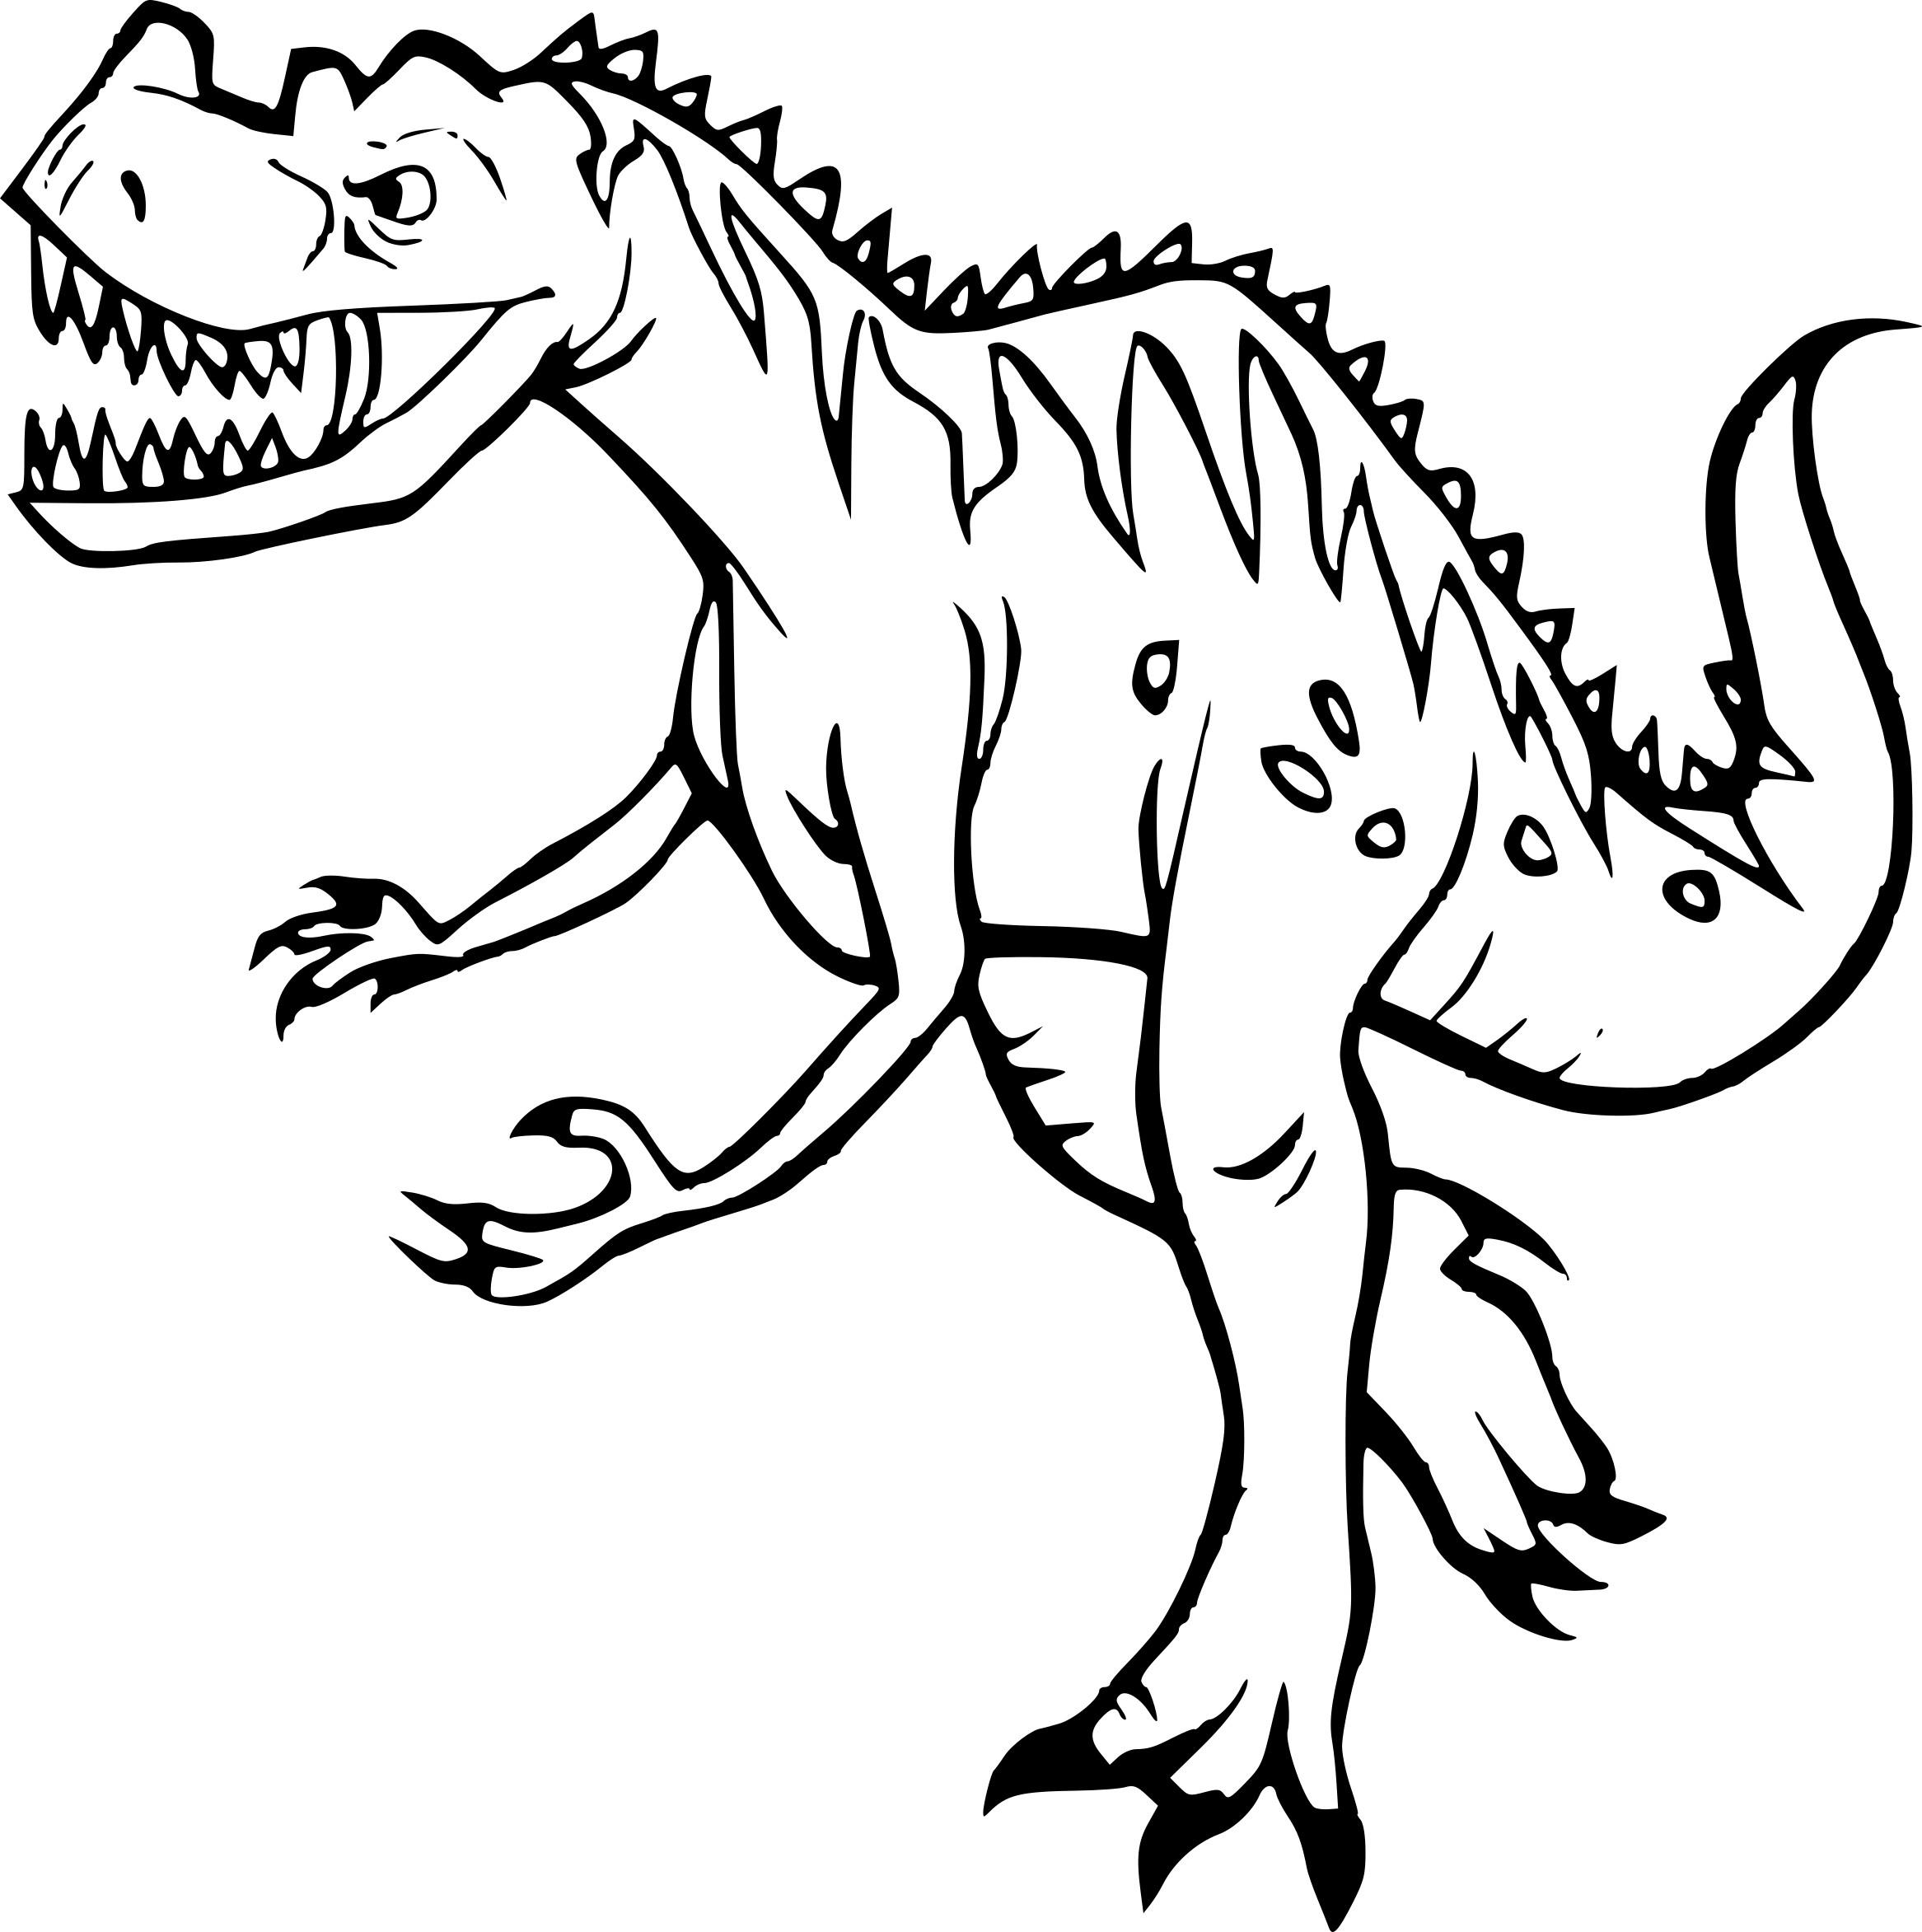 Coloriage Dinosaure Tyrex Dessin À Imprimer Sur Coloriages pour Coloriage Dinosaure